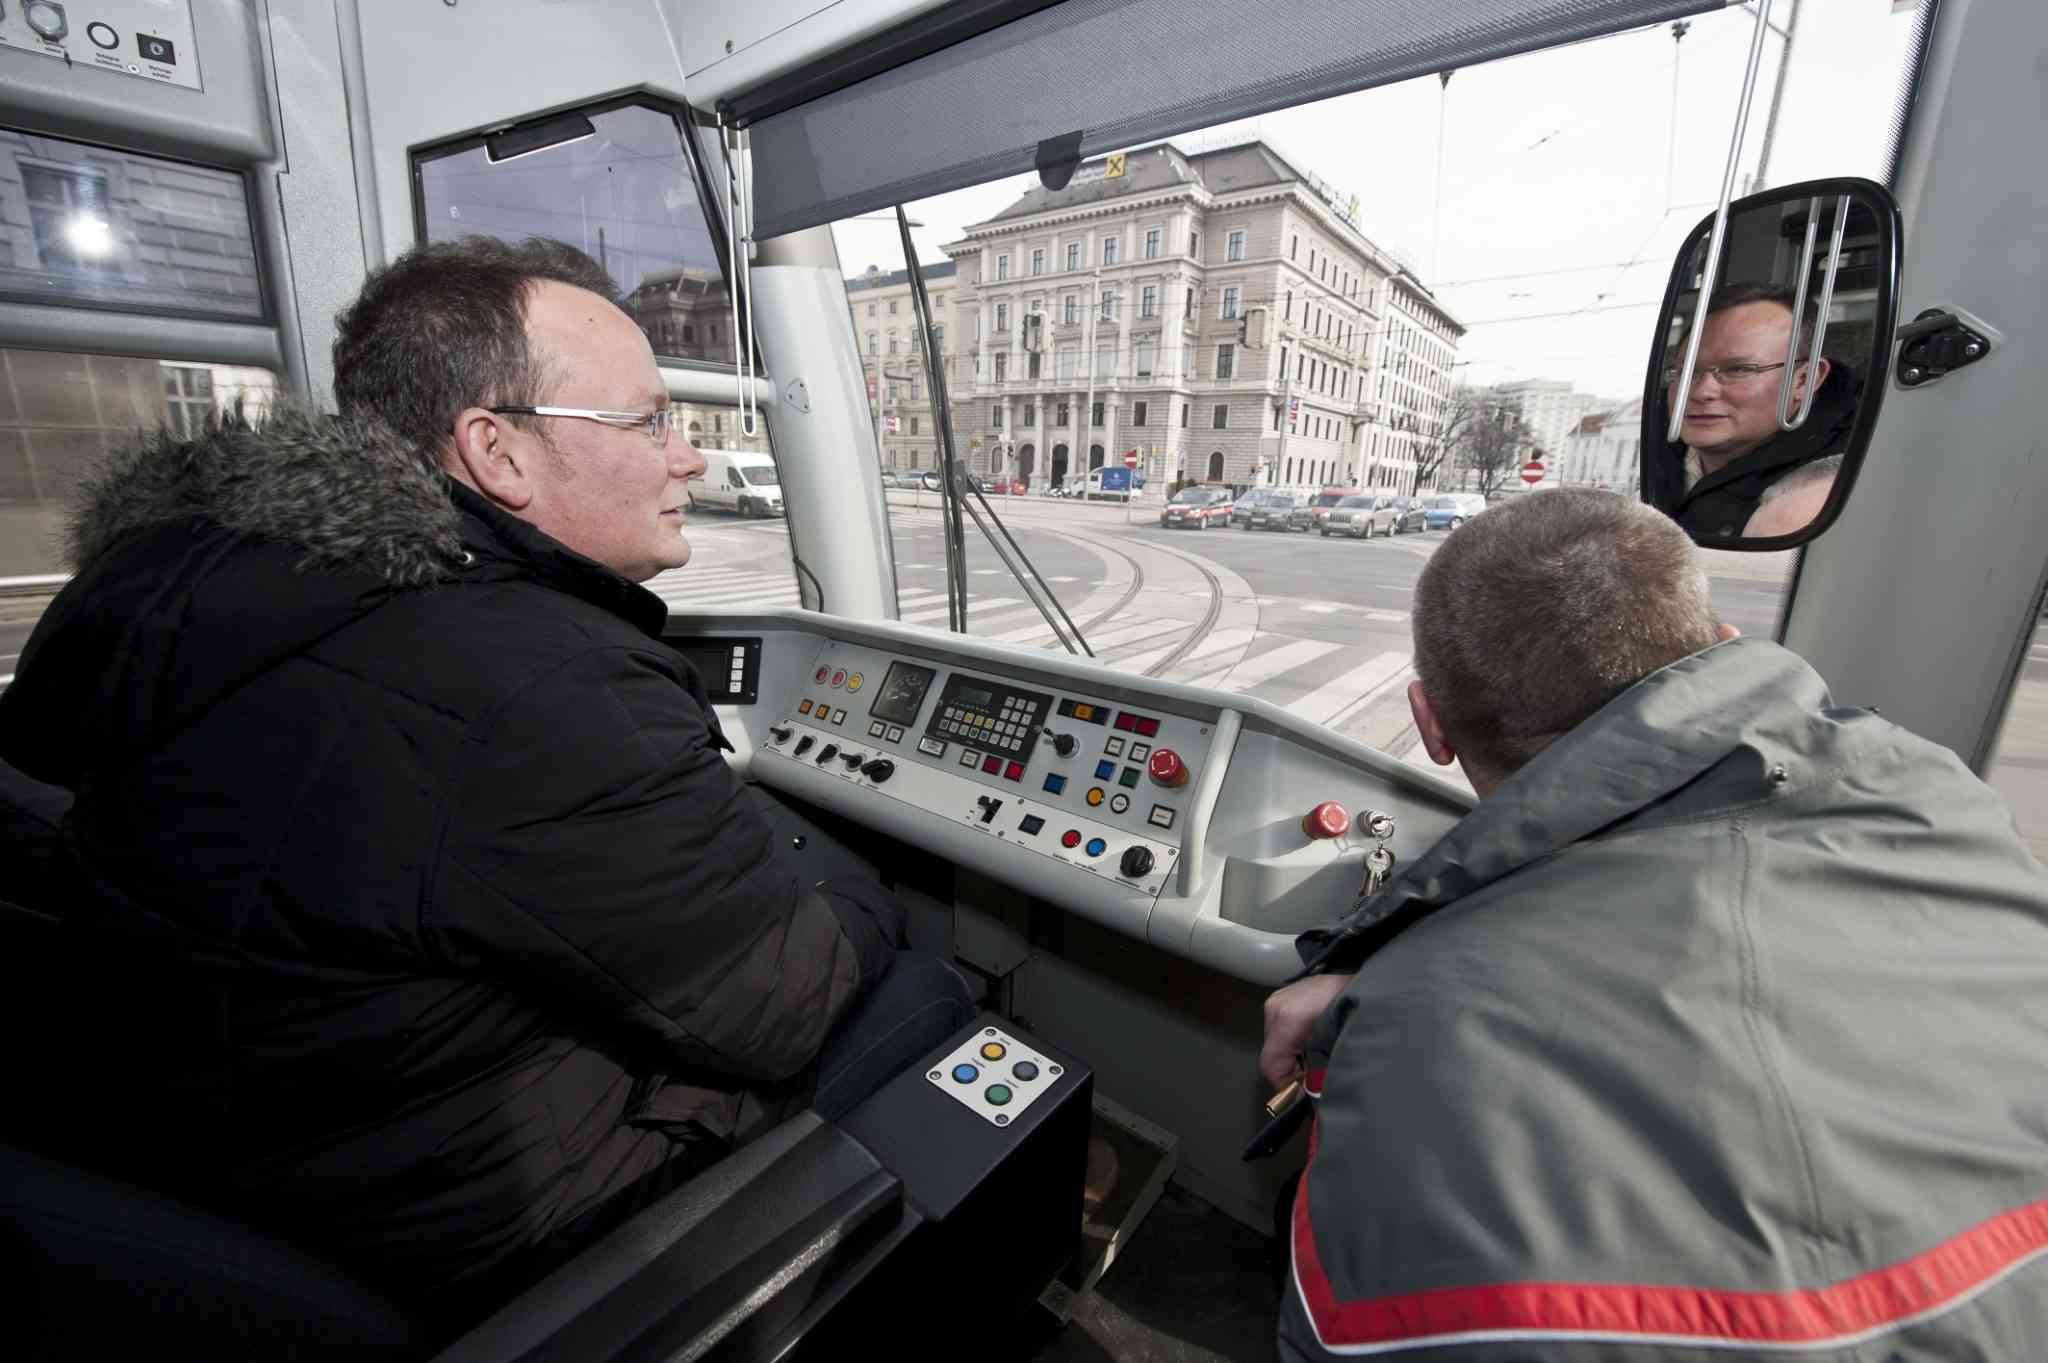 Mit der Straßenbahn kann man keinen Millimeter ausweichen. Das wird den FahrschullehrerInnen erst richtig bewusst.